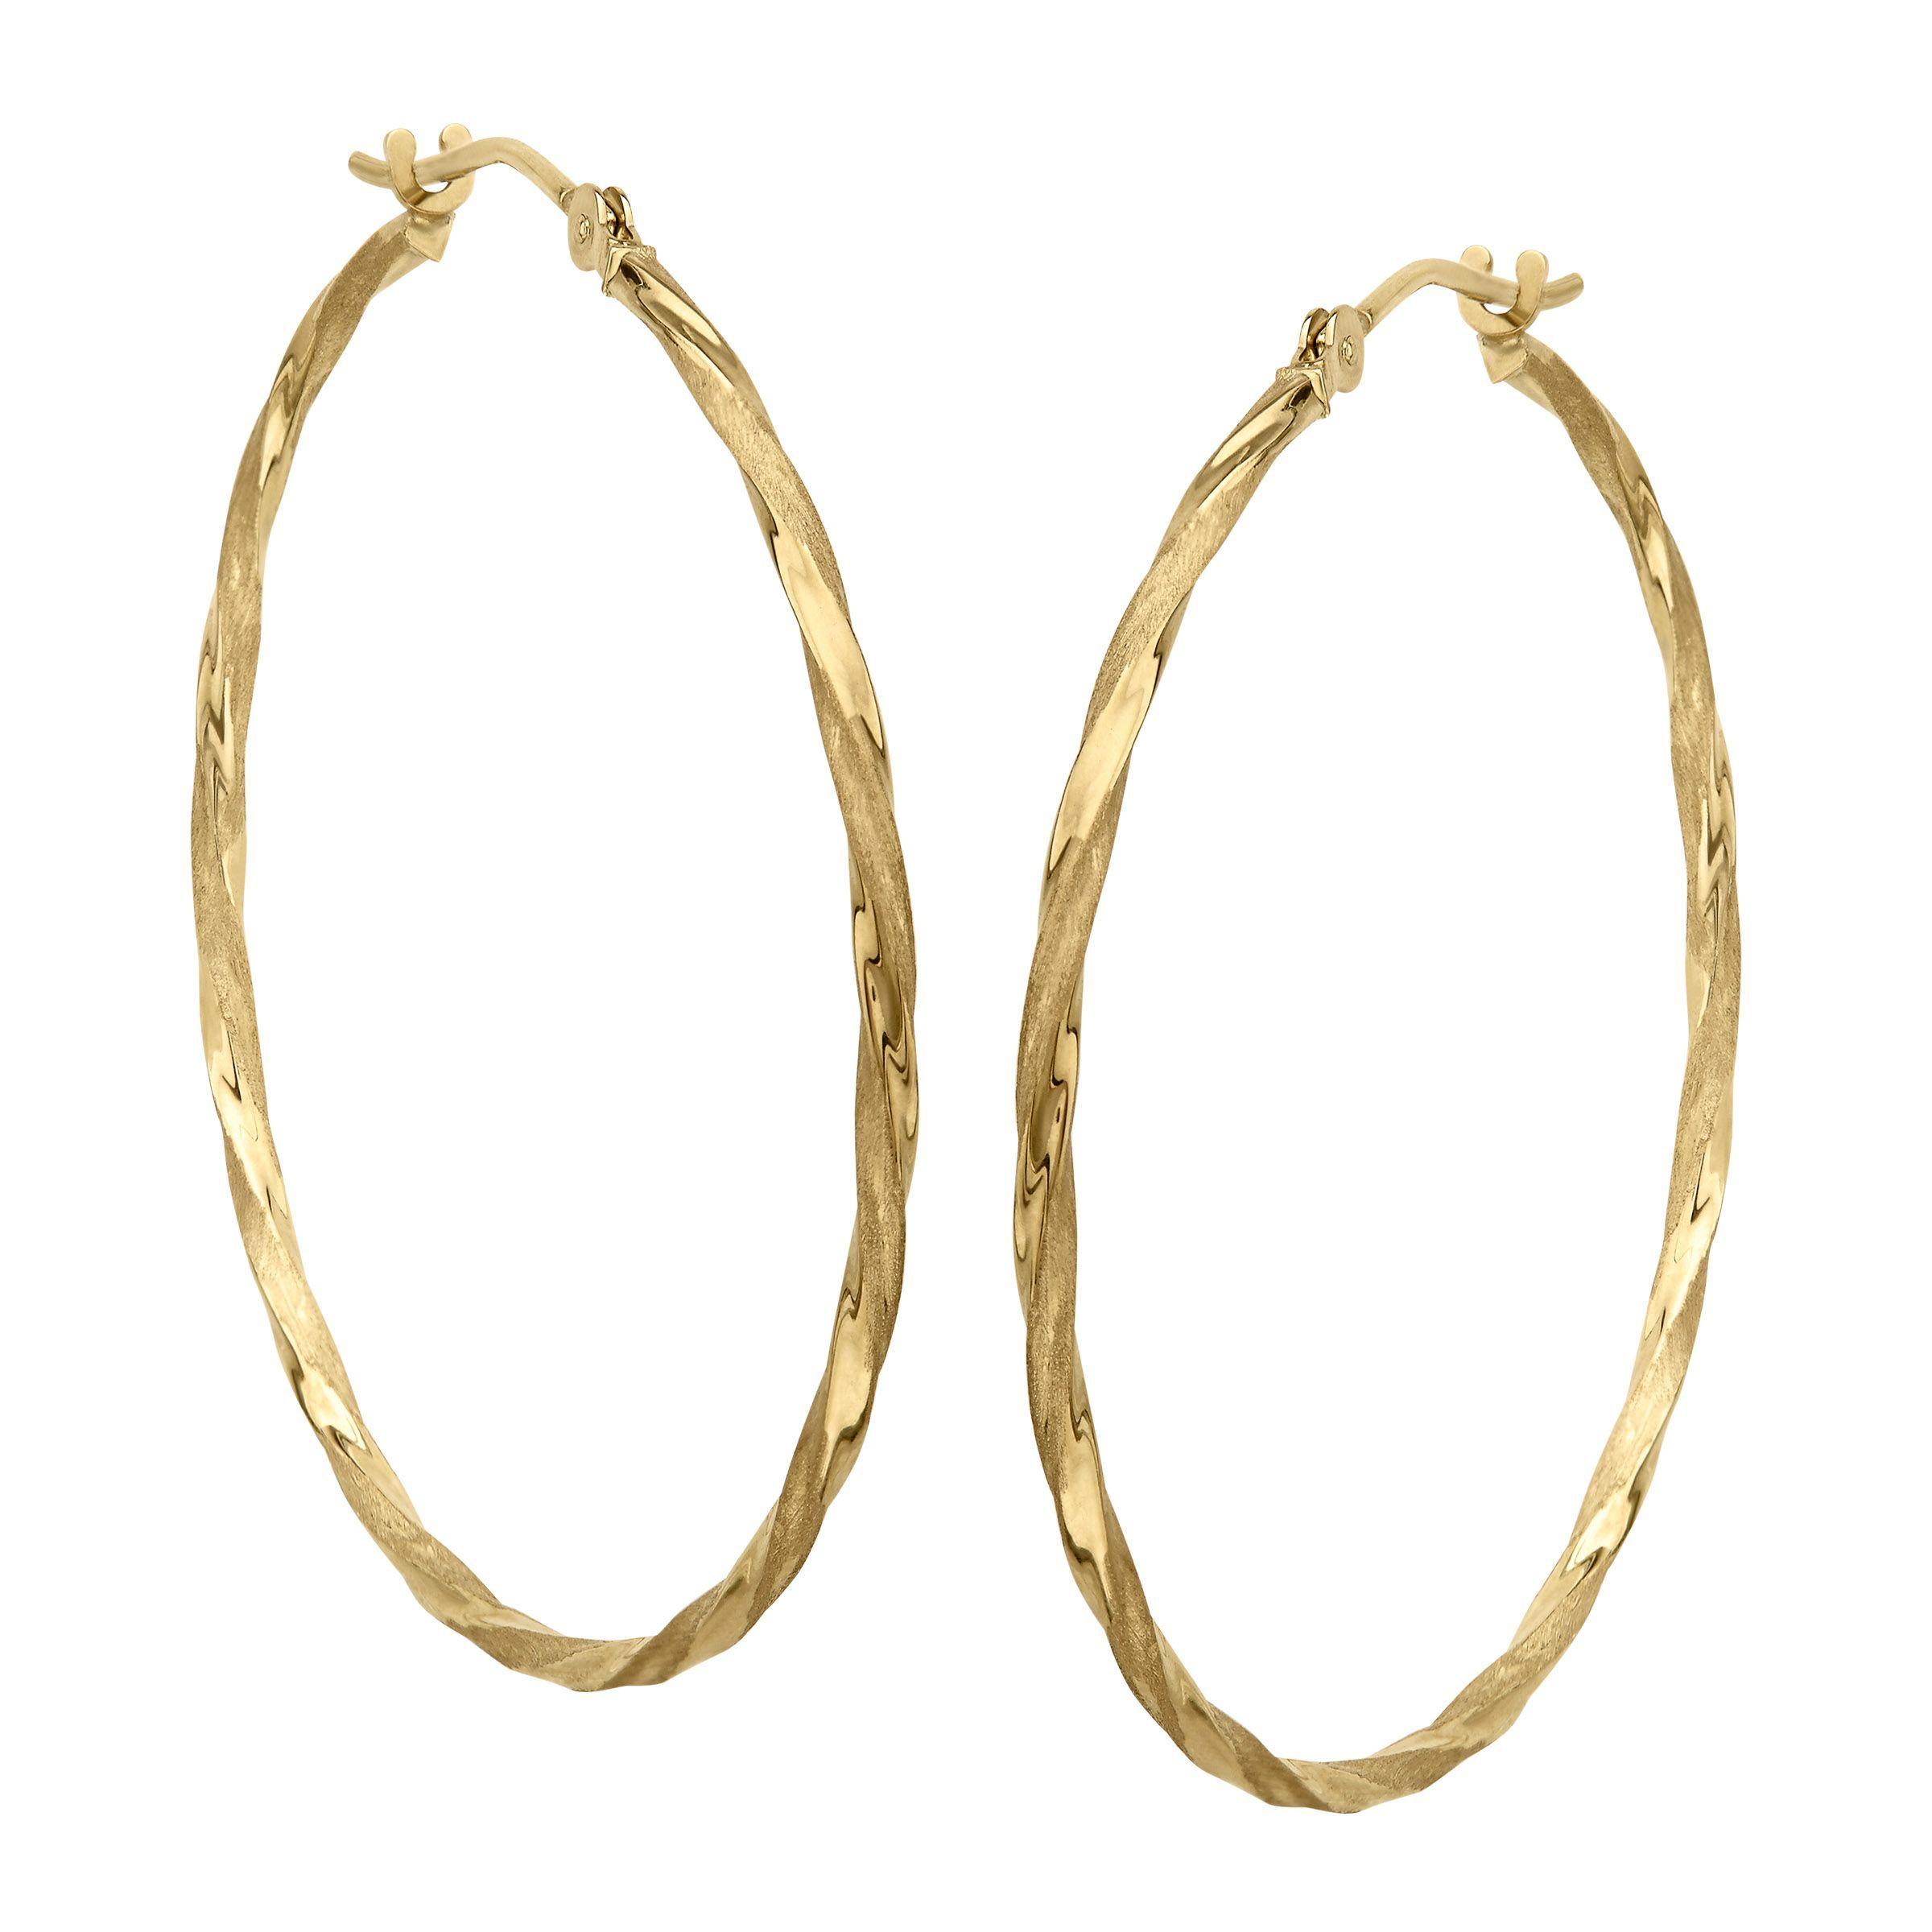 Eternity Gold Twisted Hoop Earrings In 14k